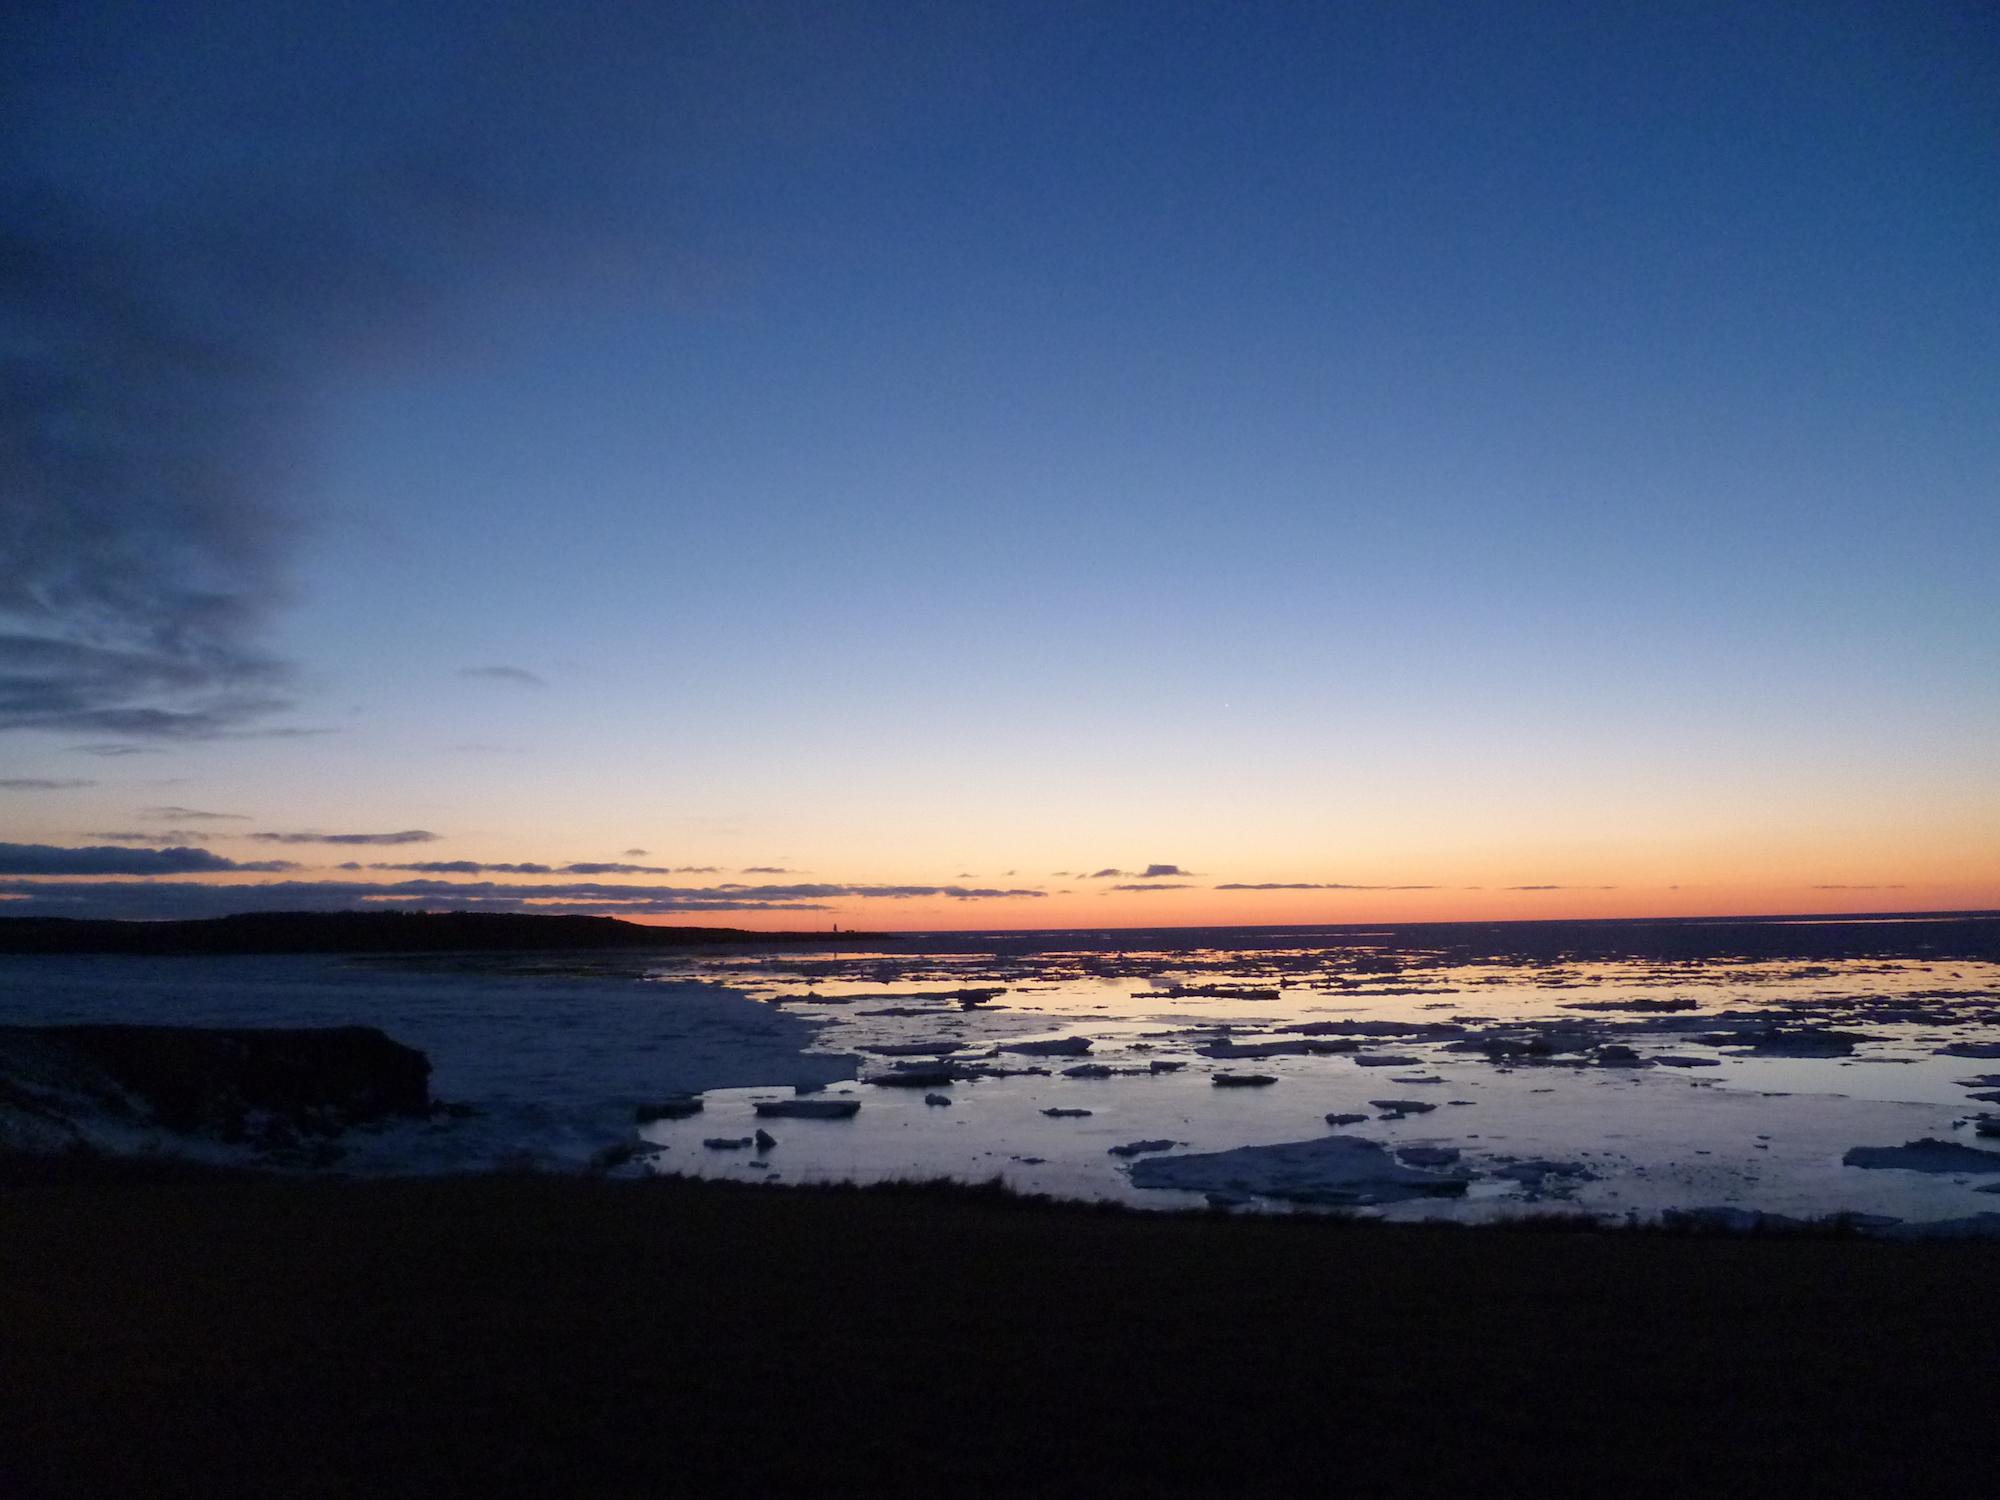 Hiver au Canada - Sunset sur l'île de Chéticamp